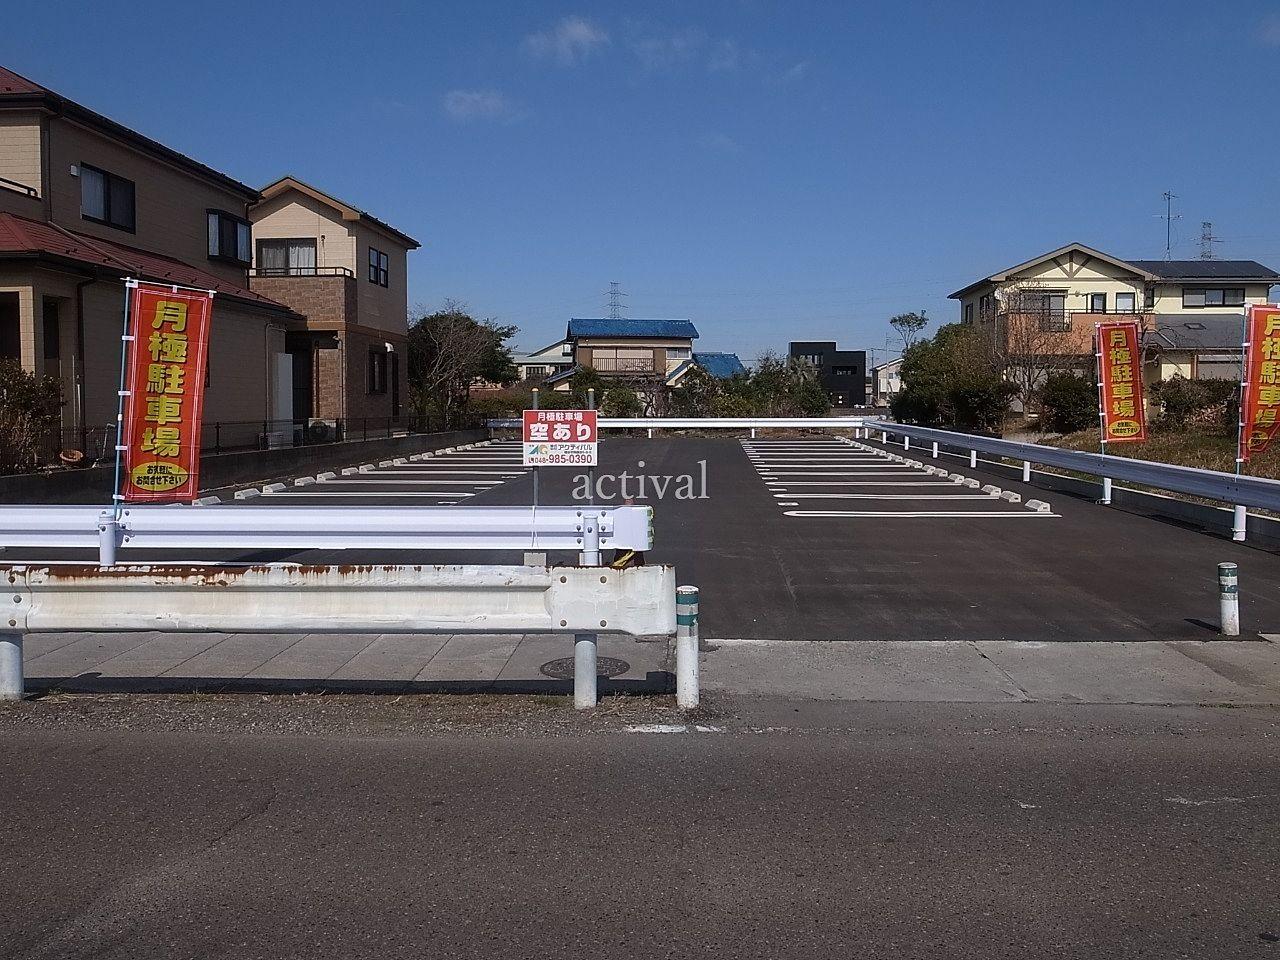 越谷市川柳町3丁目にある月極駐車場の川柳町第1駐車場写真です。